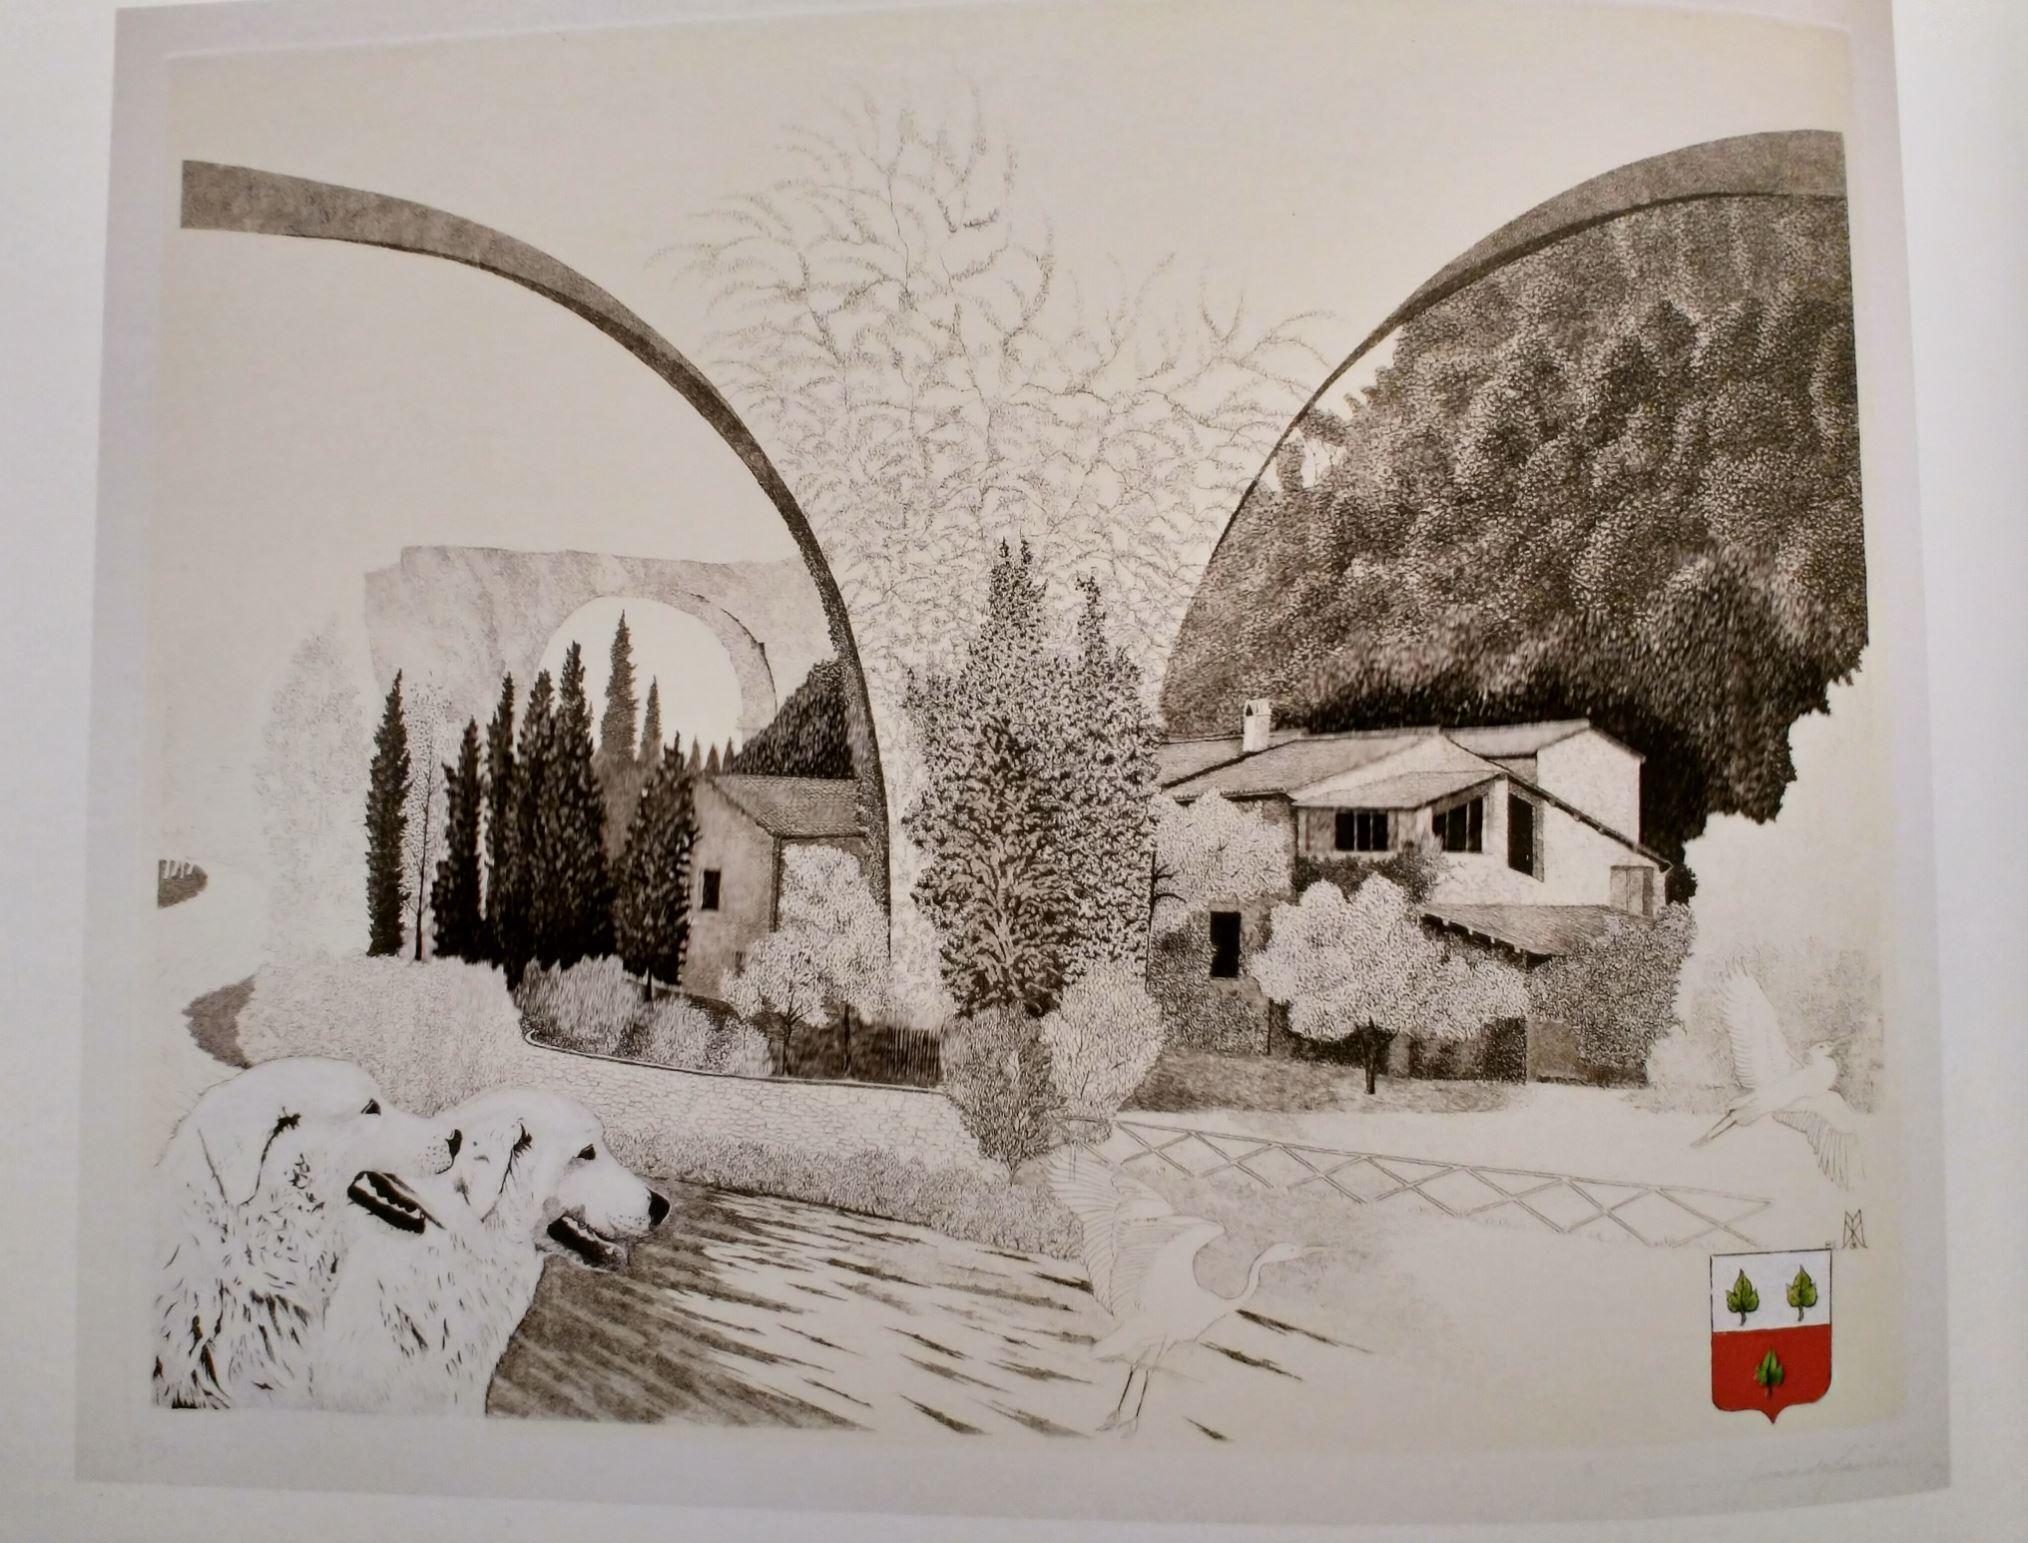 2005 Il Muline Eroli e il ponte di Narni Xavier de Maistre eau forte exposition 2015